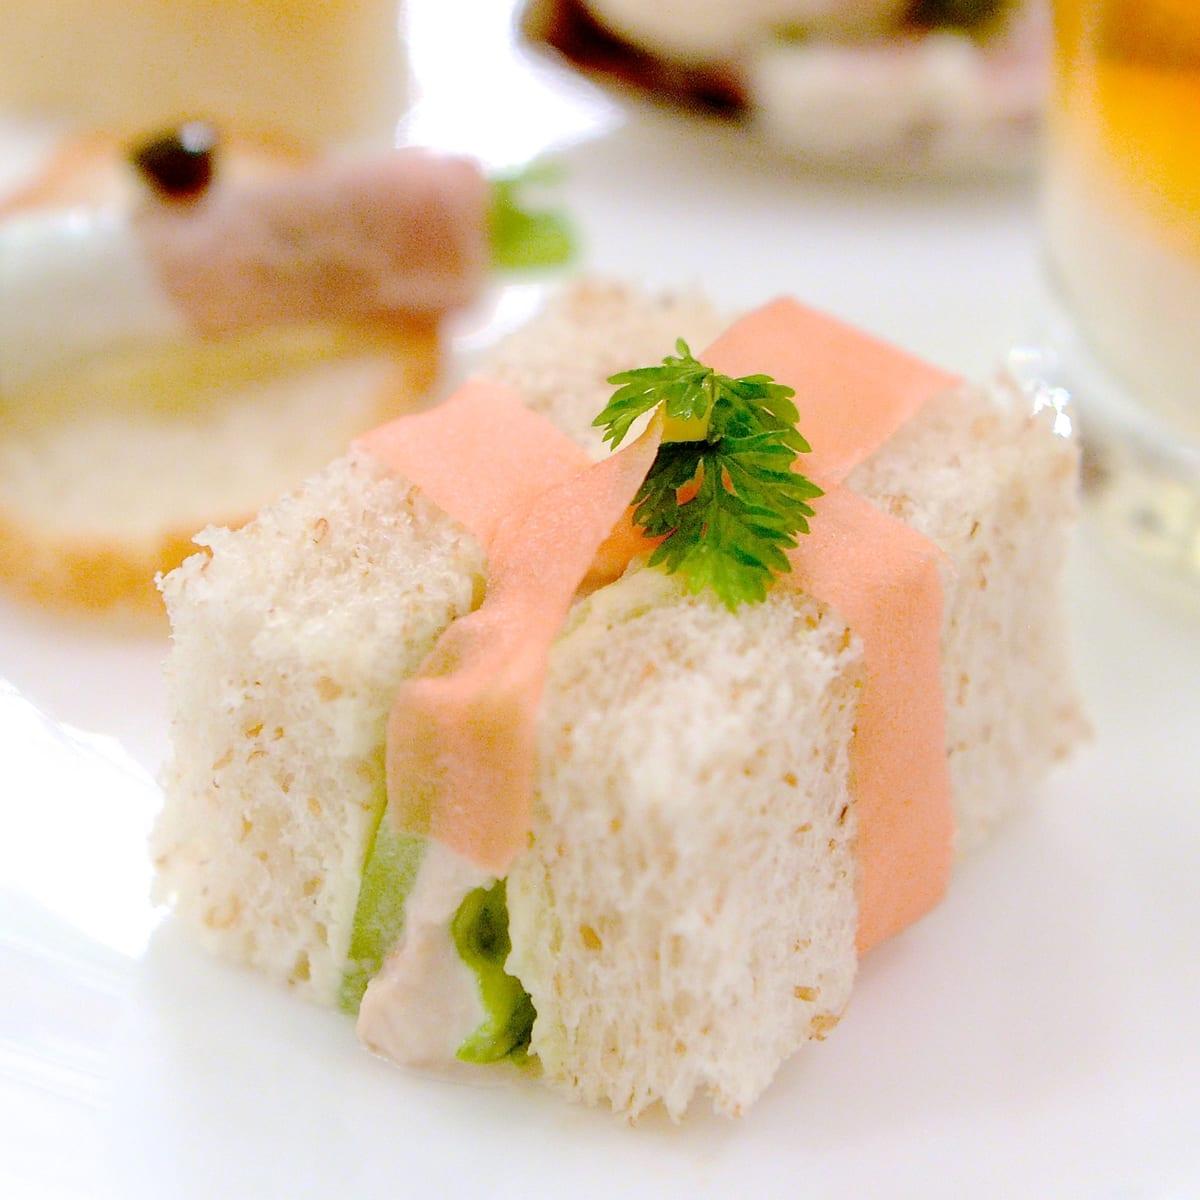 ツナと野菜のライ麦サンド